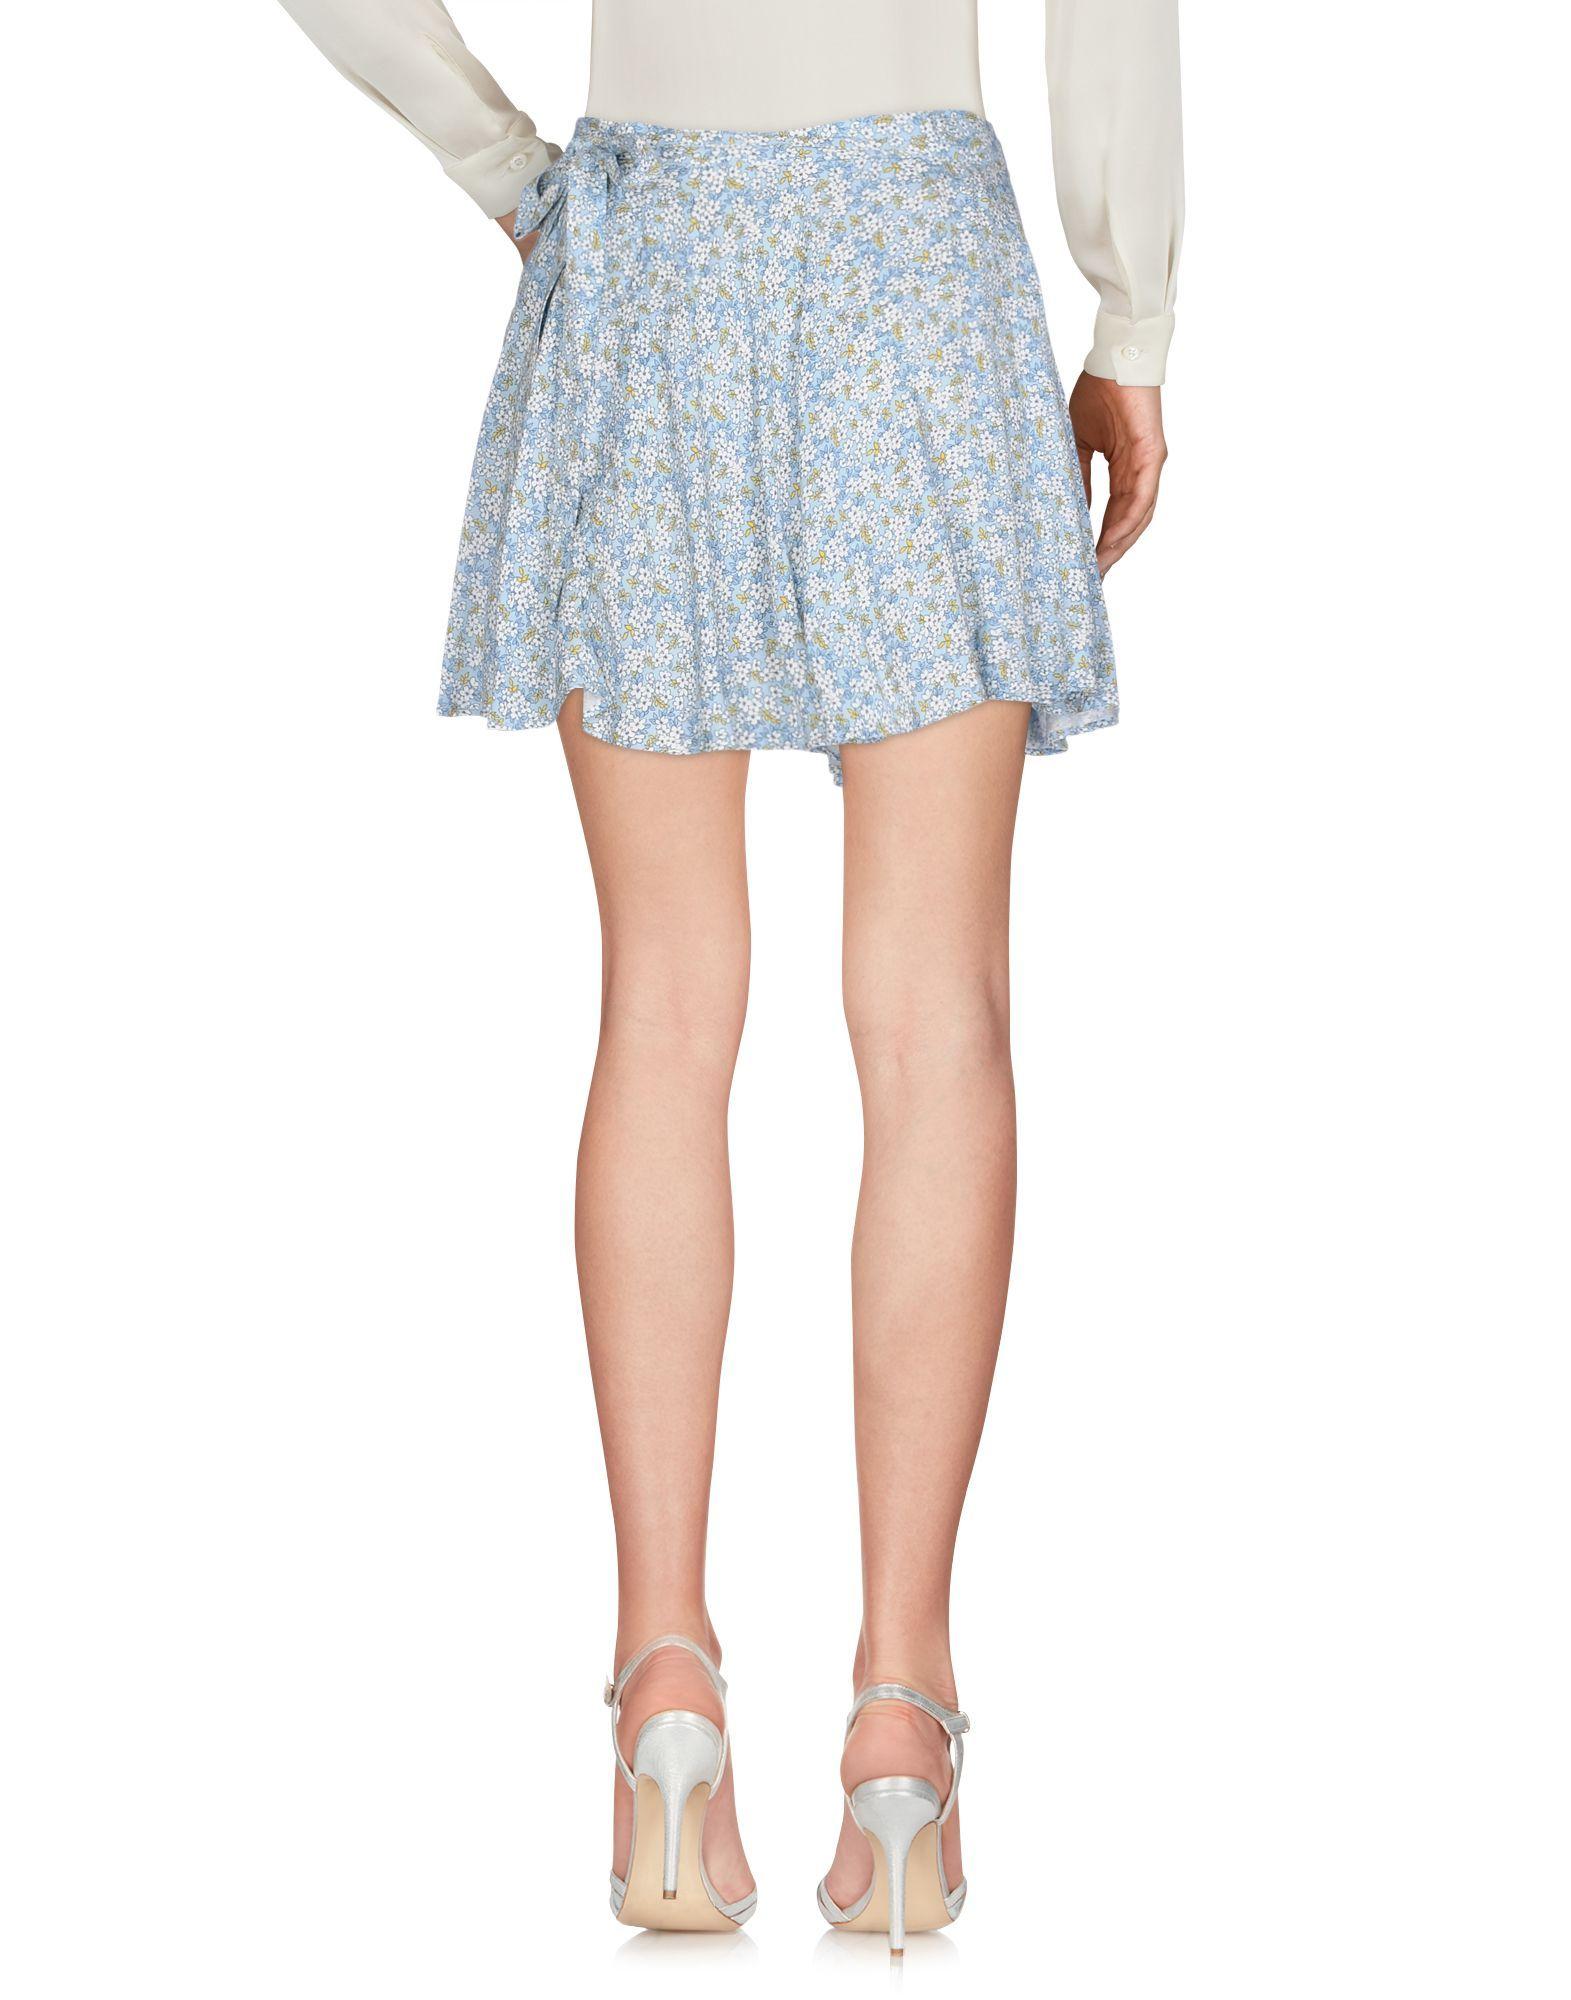 SKIRTS Denim & Supply Ralph Lauren Sky blue Woman Viscose